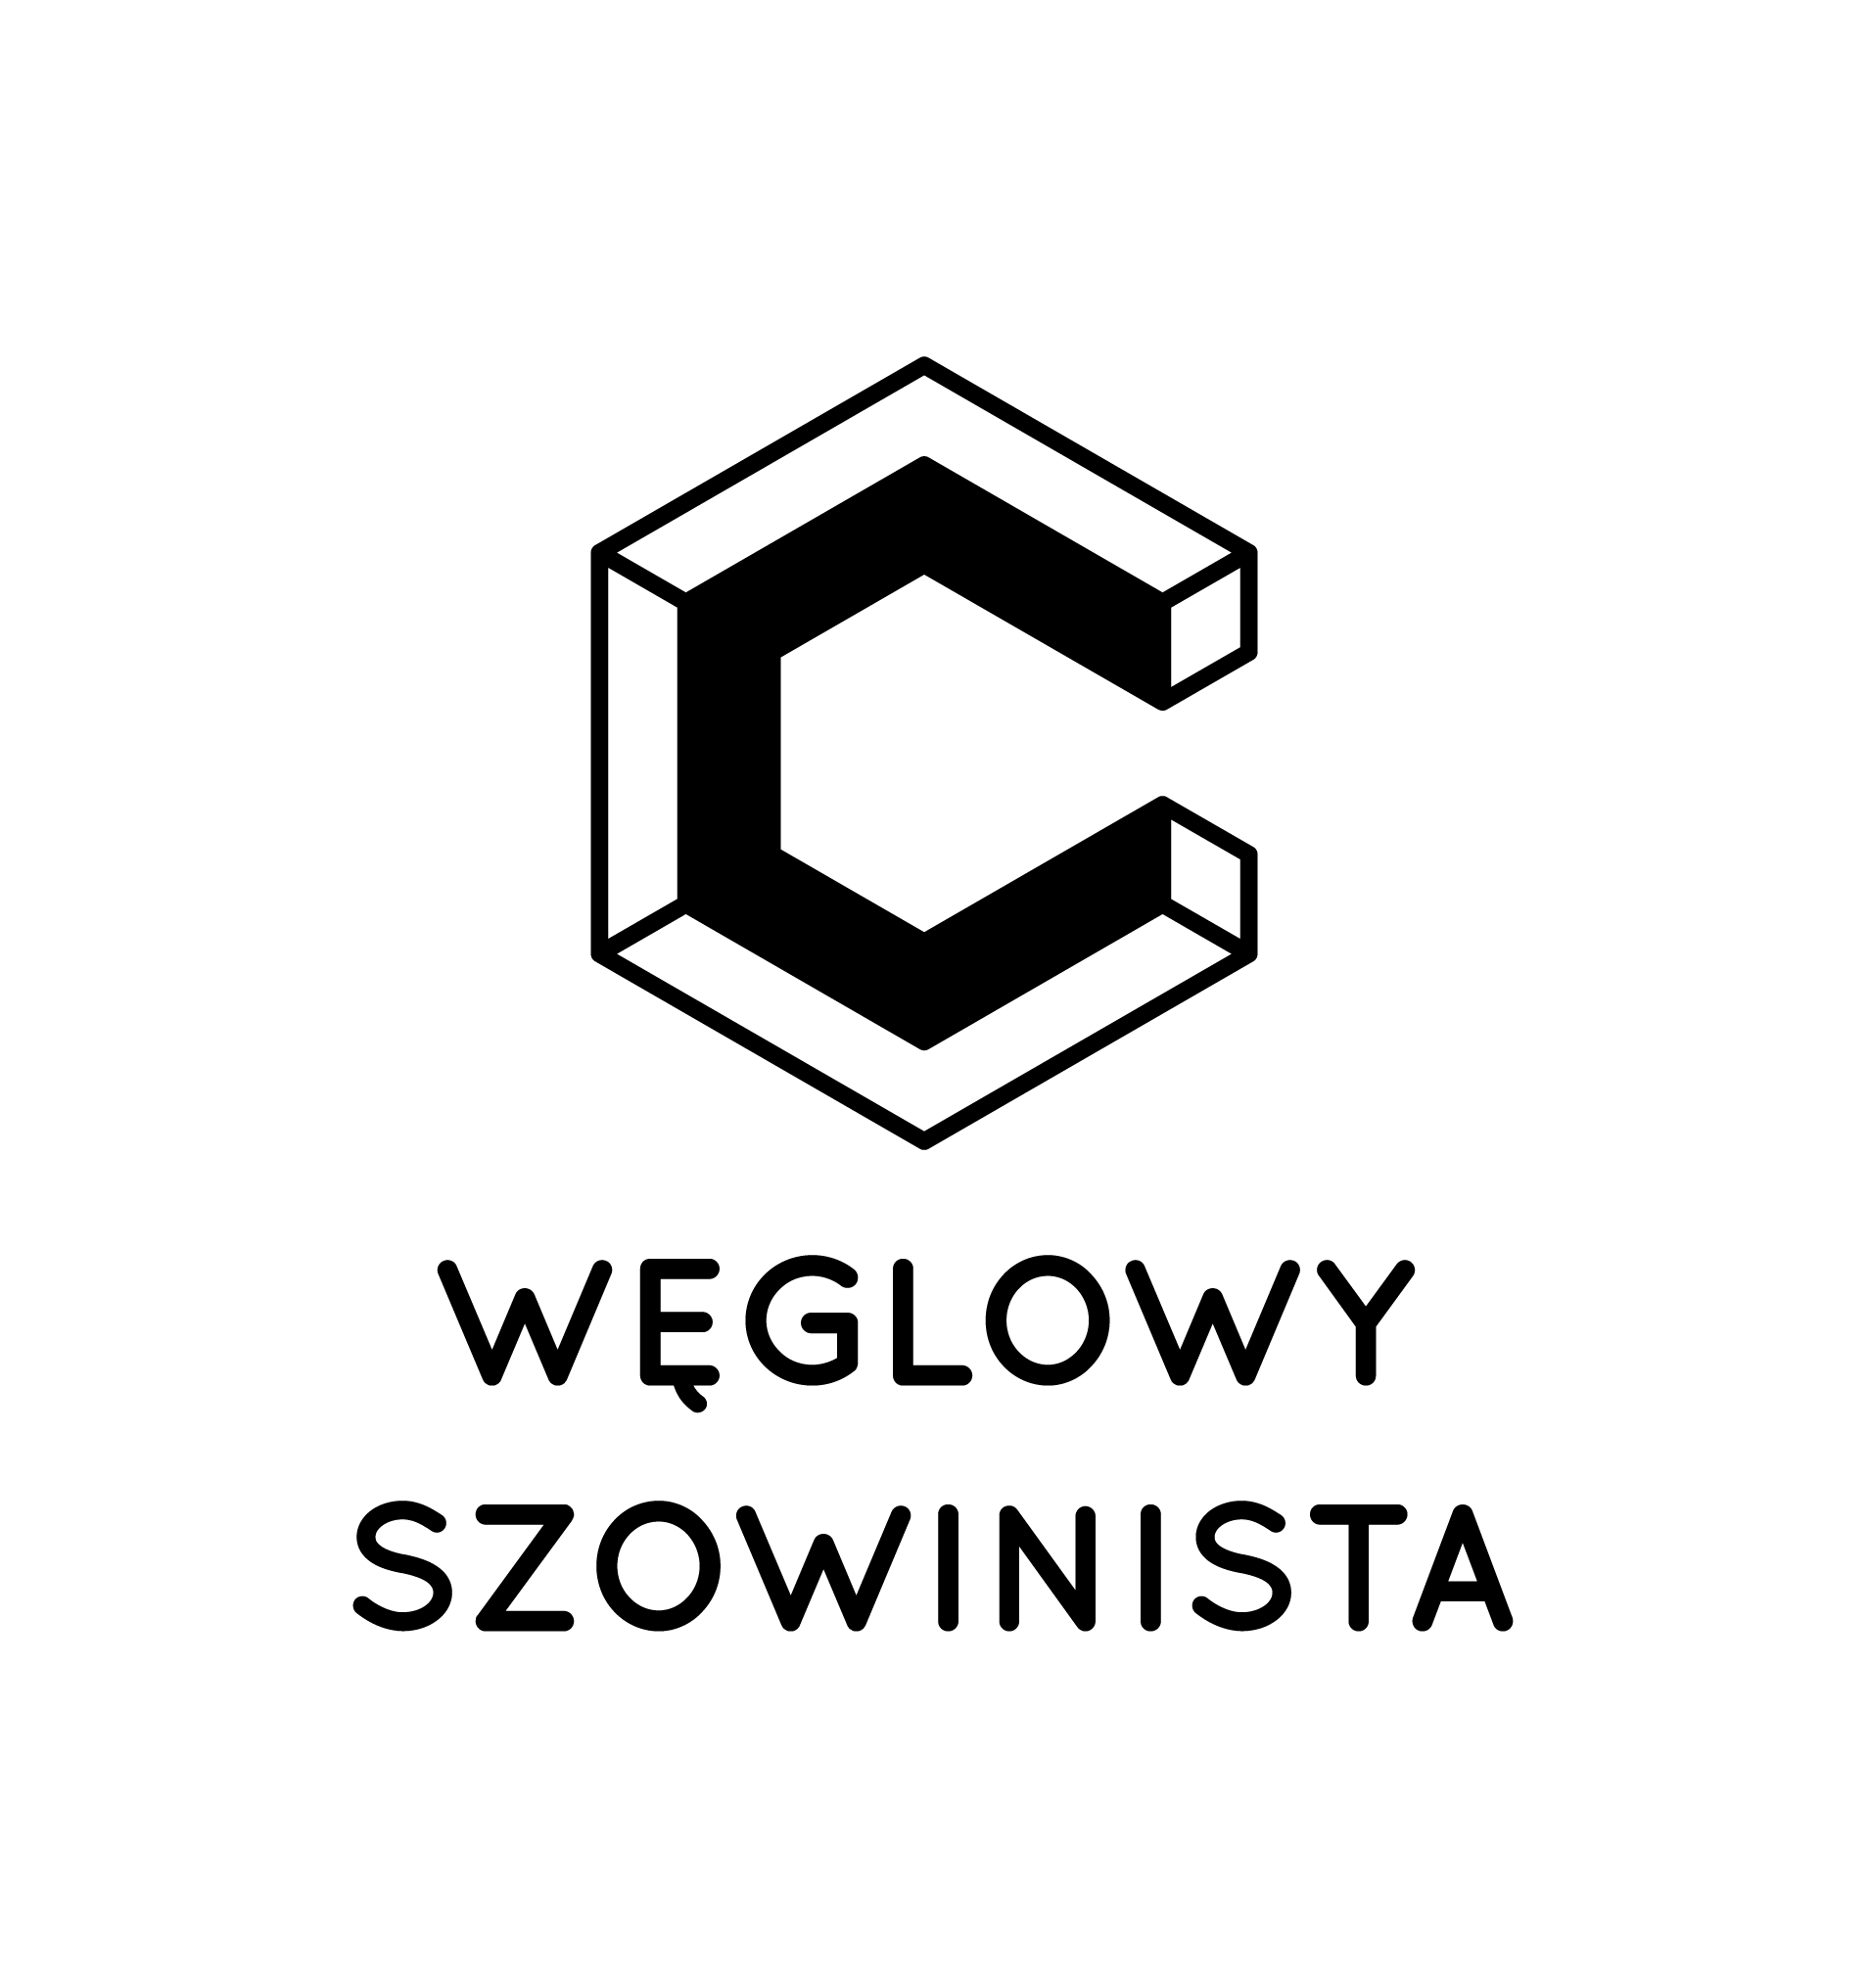 Węglowy Szowinista